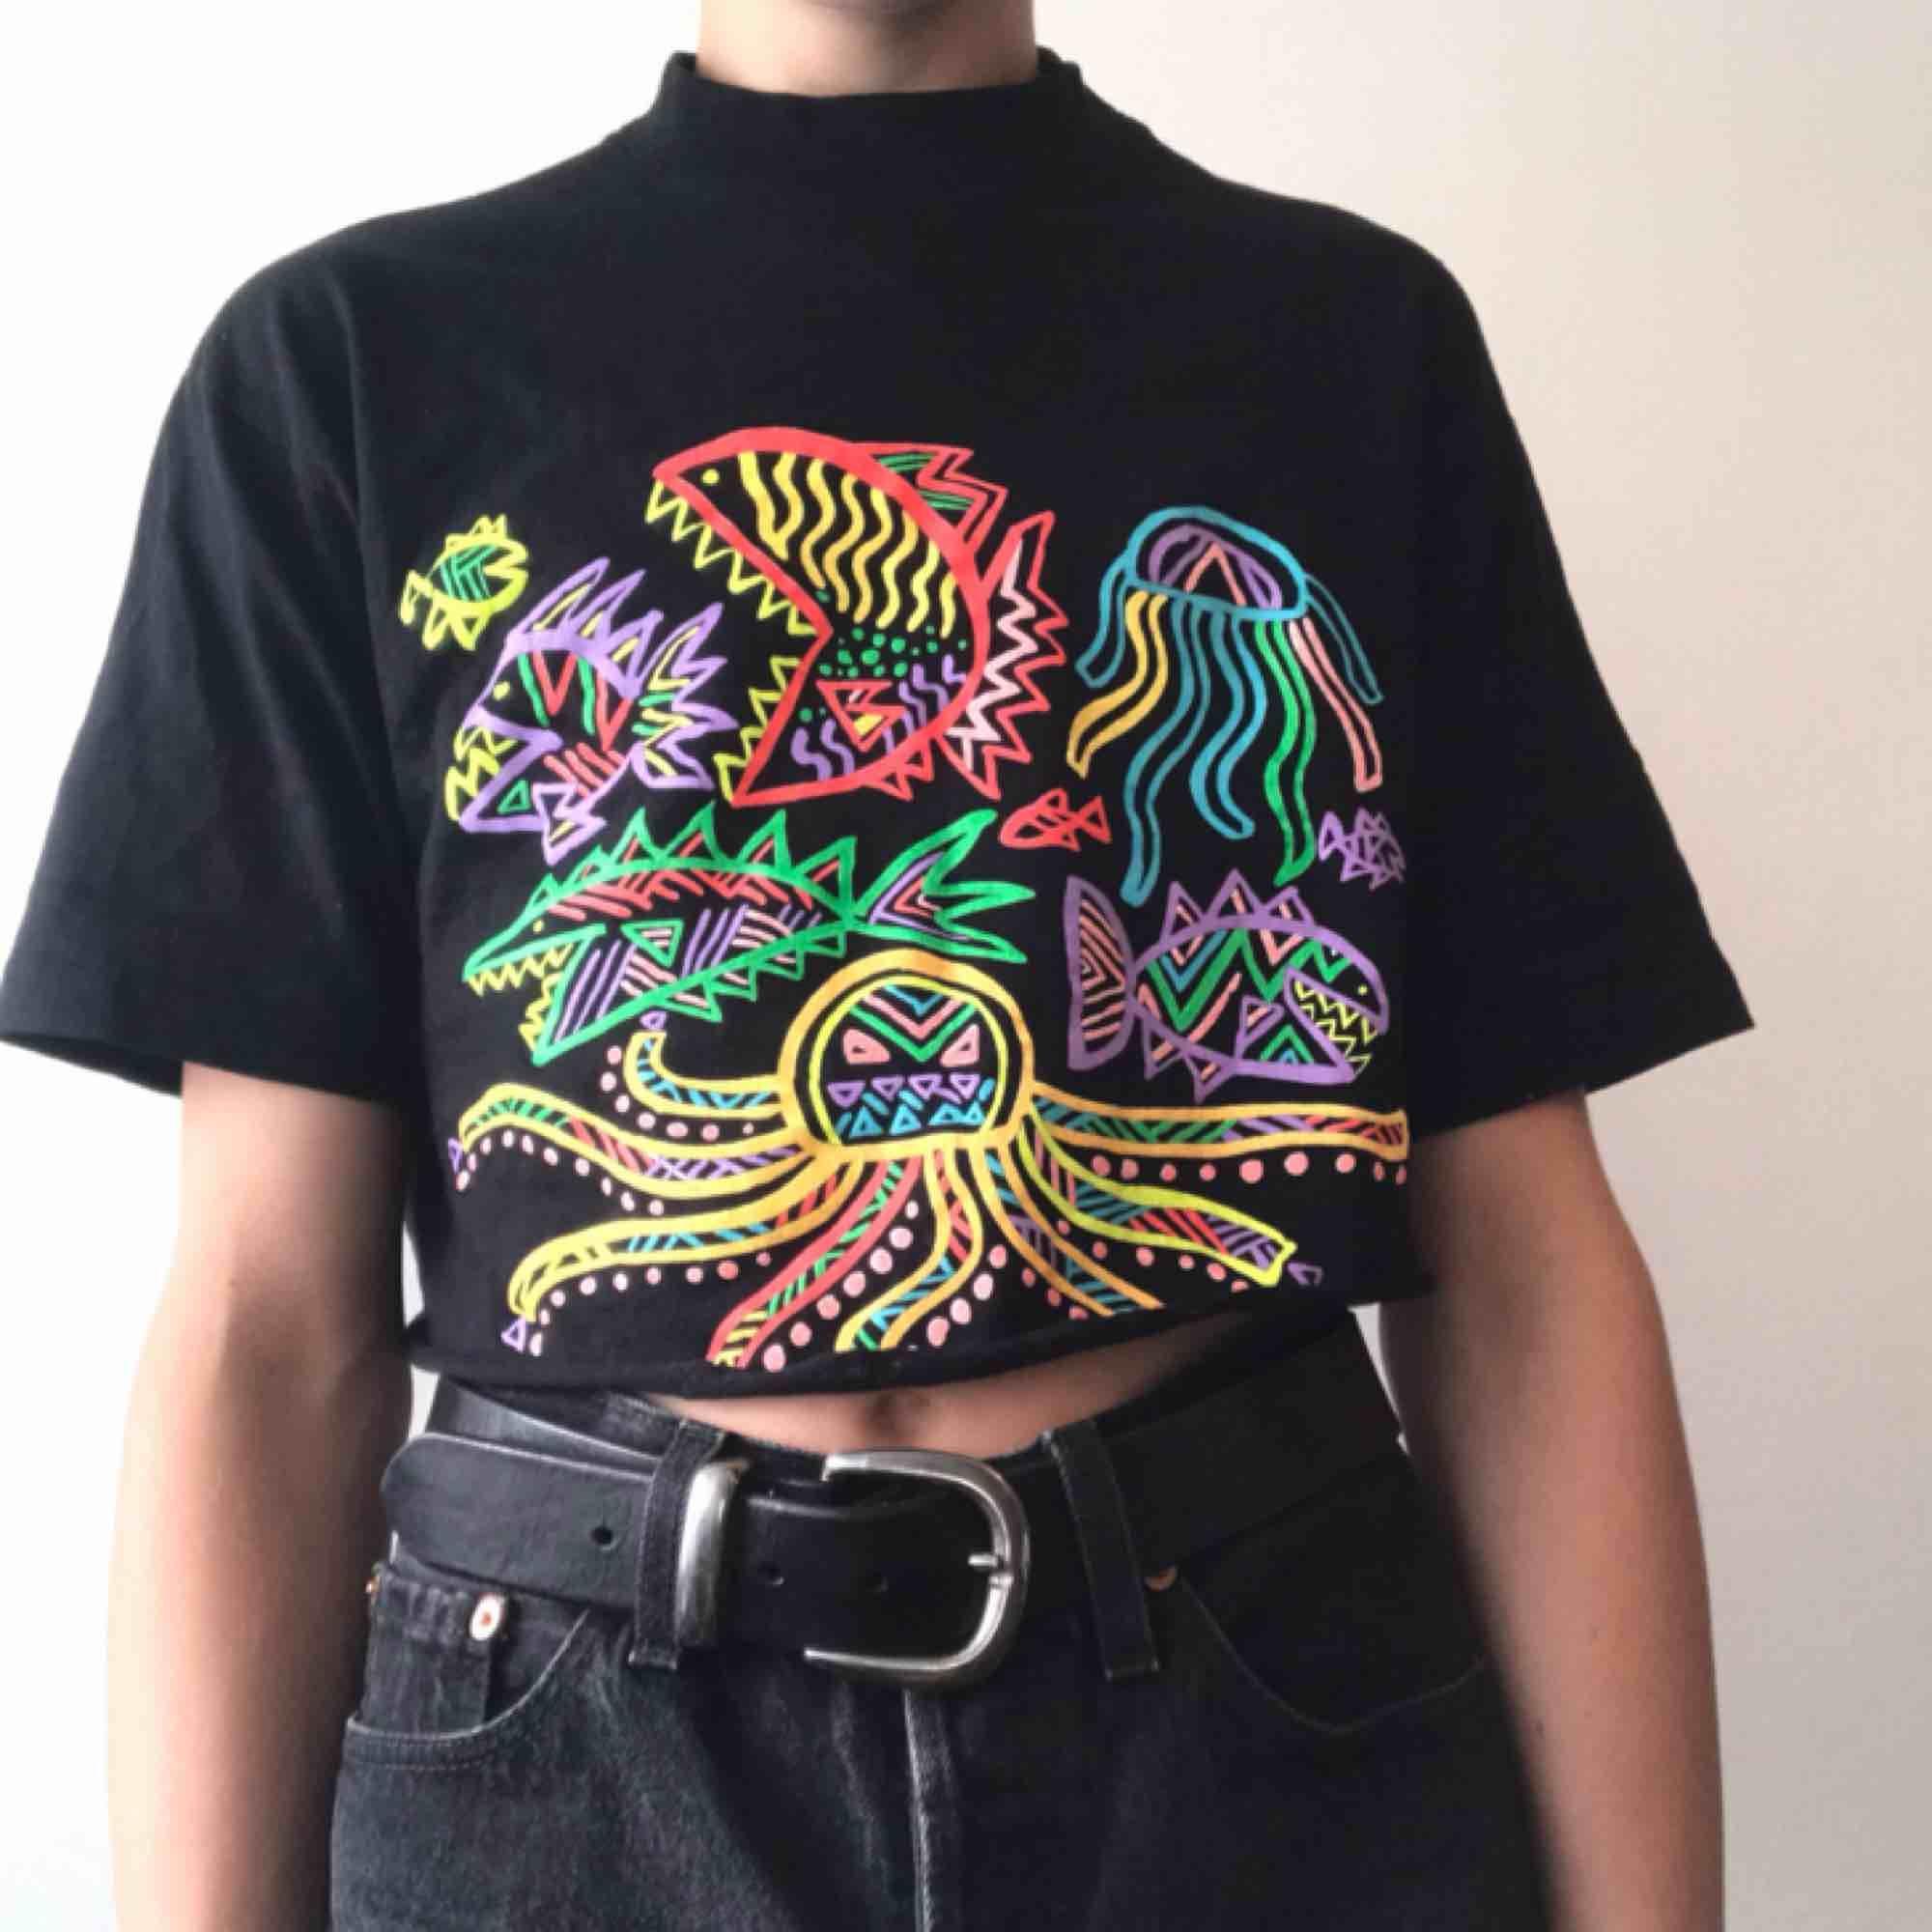 Så perfekt vintage 90-tals t-shirt med det snyggaste mönstret jag har sett, urban outfitters säljer liknande 👅 Frakt på 40kr ✨ LÄS SHOP POLICIES INNAN KÖP!. T-shirts.